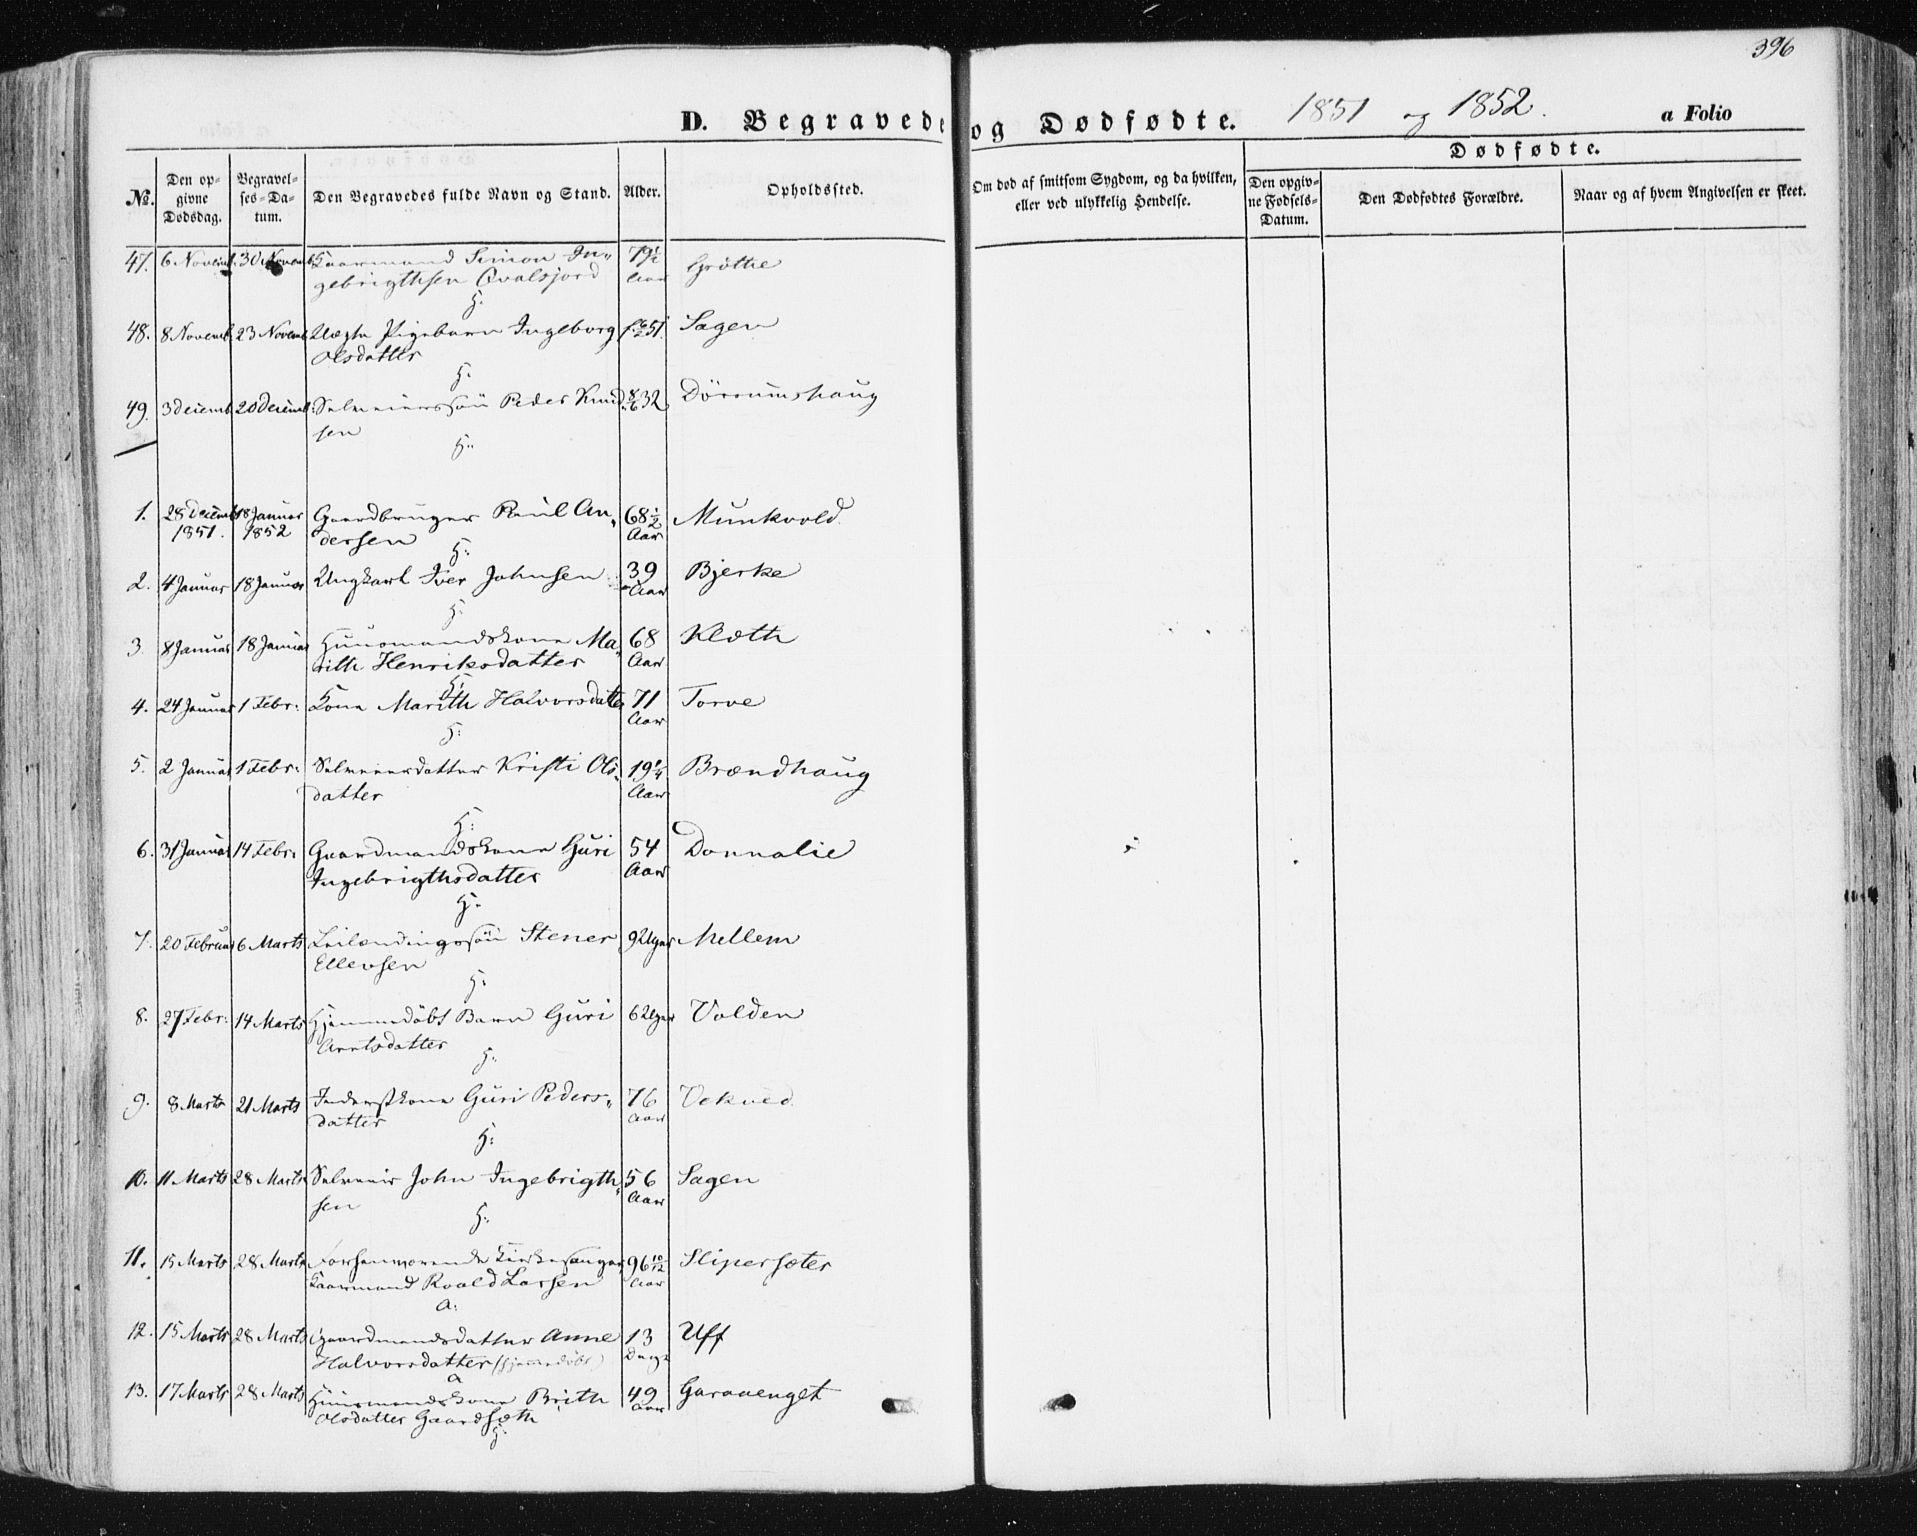 SAT, Ministerialprotokoller, klokkerbøker og fødselsregistre - Sør-Trøndelag, 678/L0899: Ministerialbok nr. 678A08, 1848-1872, s. 396